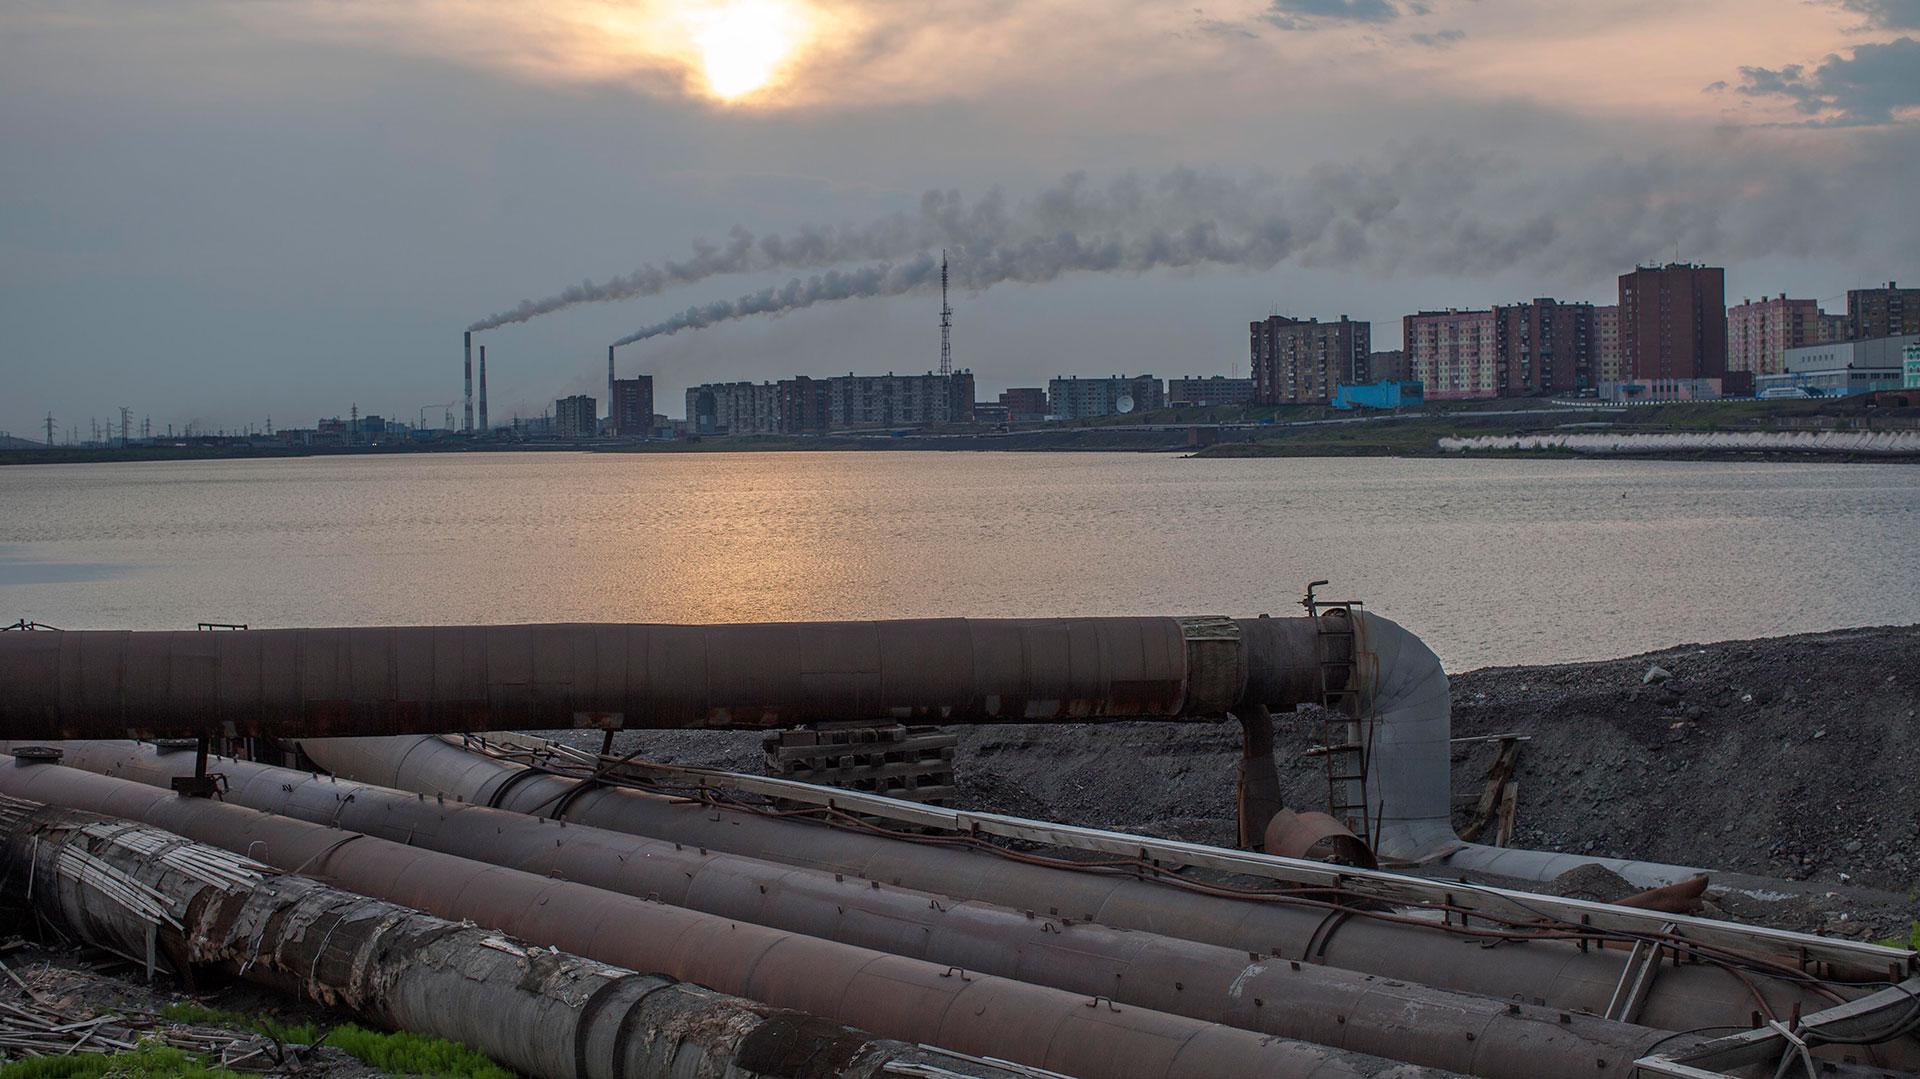 Las tuberías atraviesan la ciudad a la vista, es imposible enterrarlas en el suelo congelado.